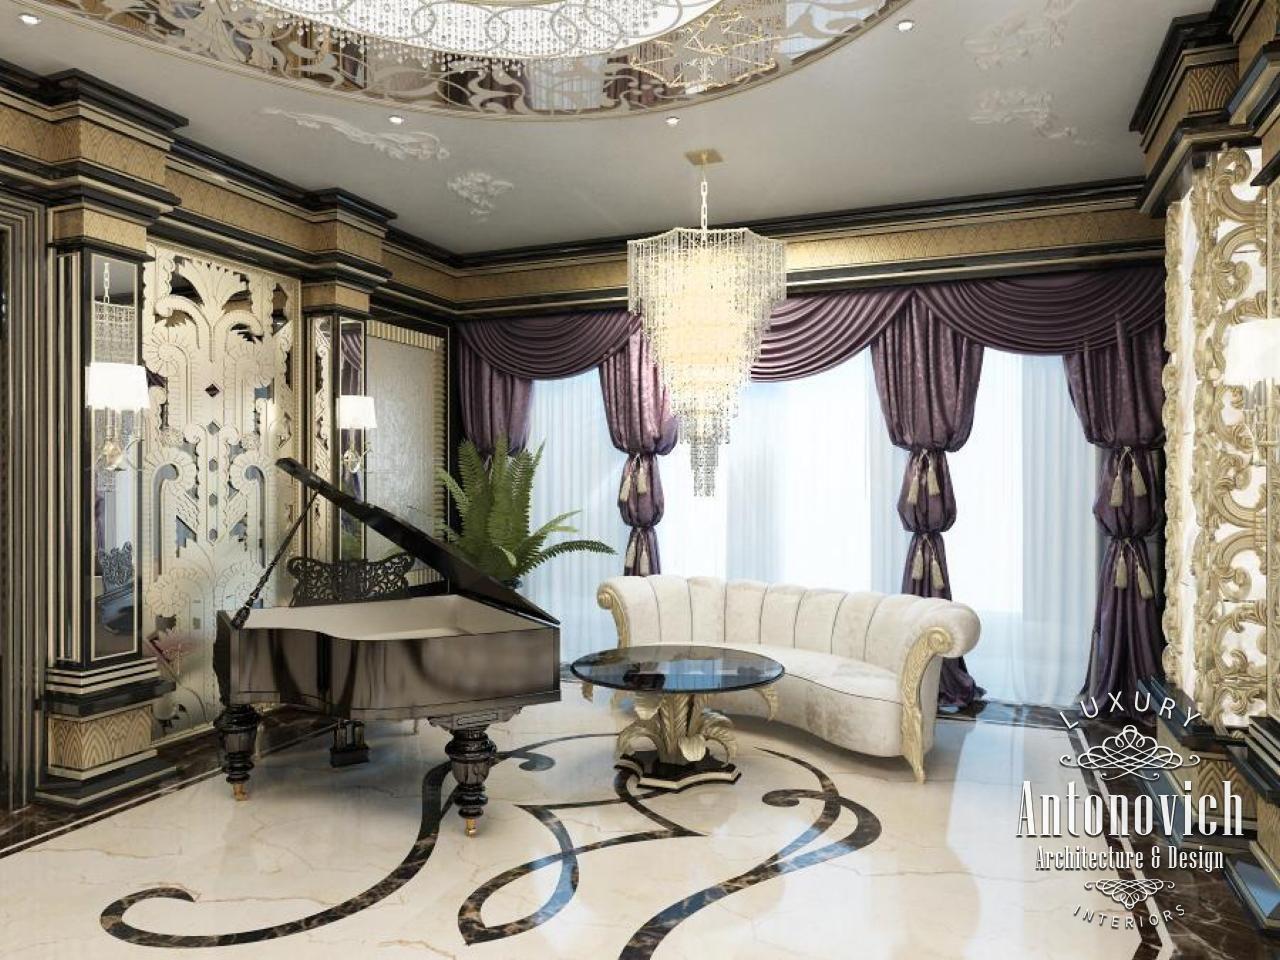 Professional luxury villa exterior designs in qatar - Interior Of A Luxury Villa In Qatar